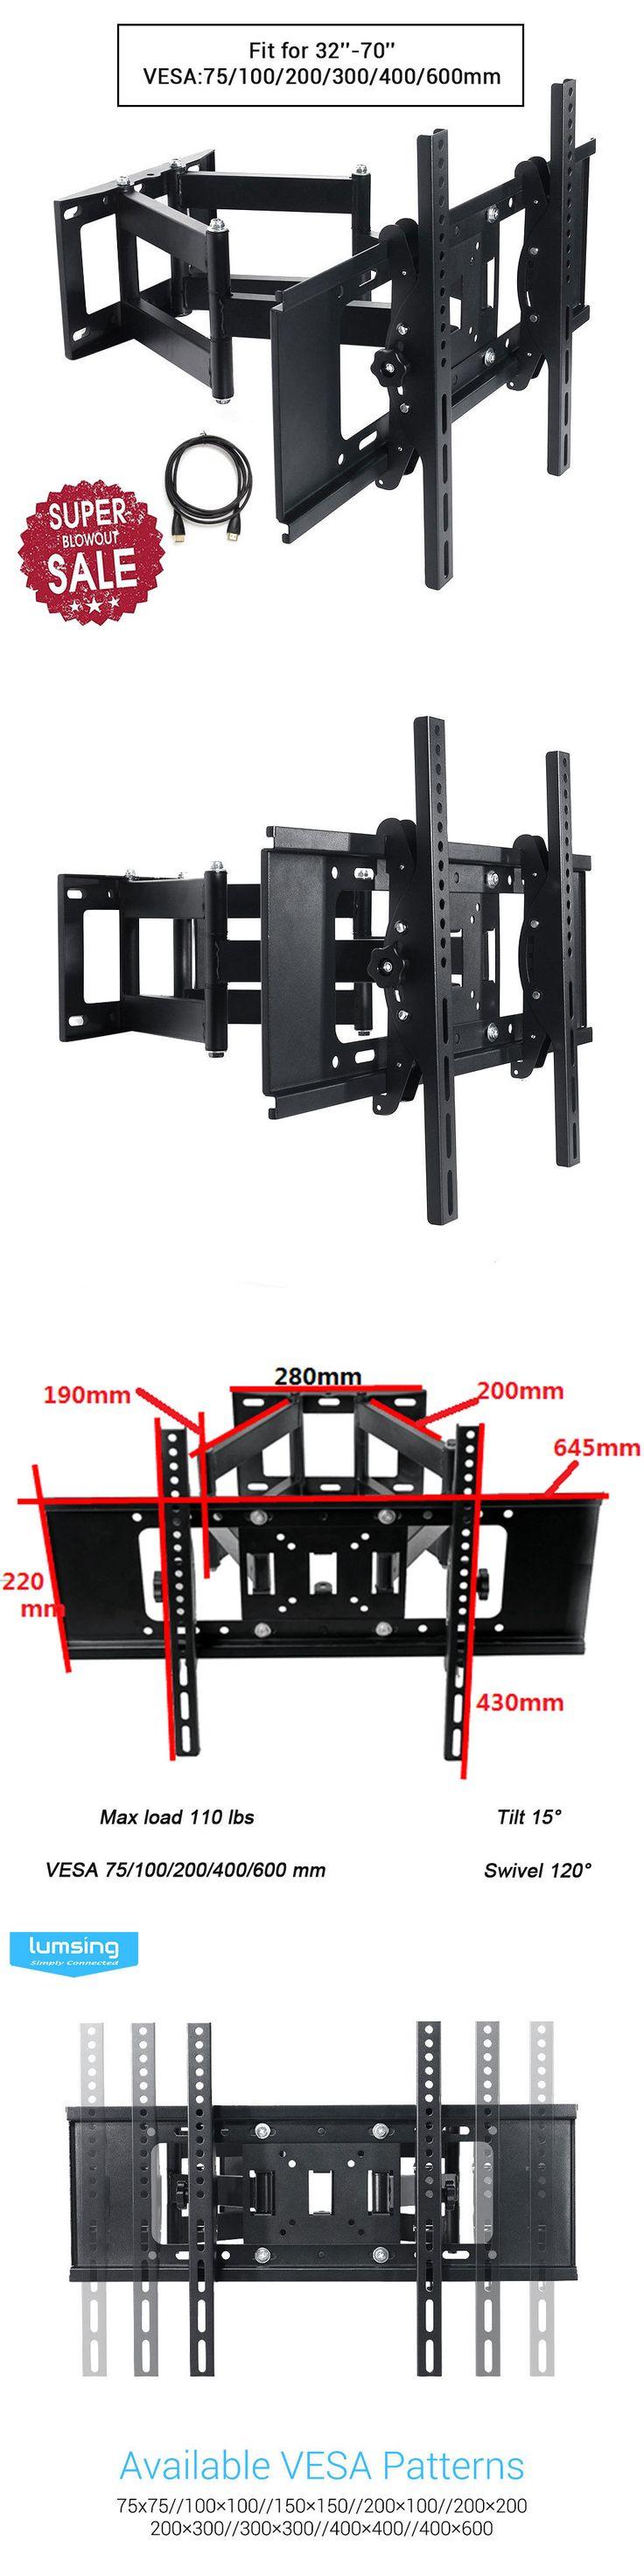 TV Mounts and Brackets: Full Motion Tv Wall Mount Bracket Tilt Swivel Lcd Led 32 37 40 42 47 55 60 65 70 -> BUY IT NOW ONLY: $36.99 on eBay!